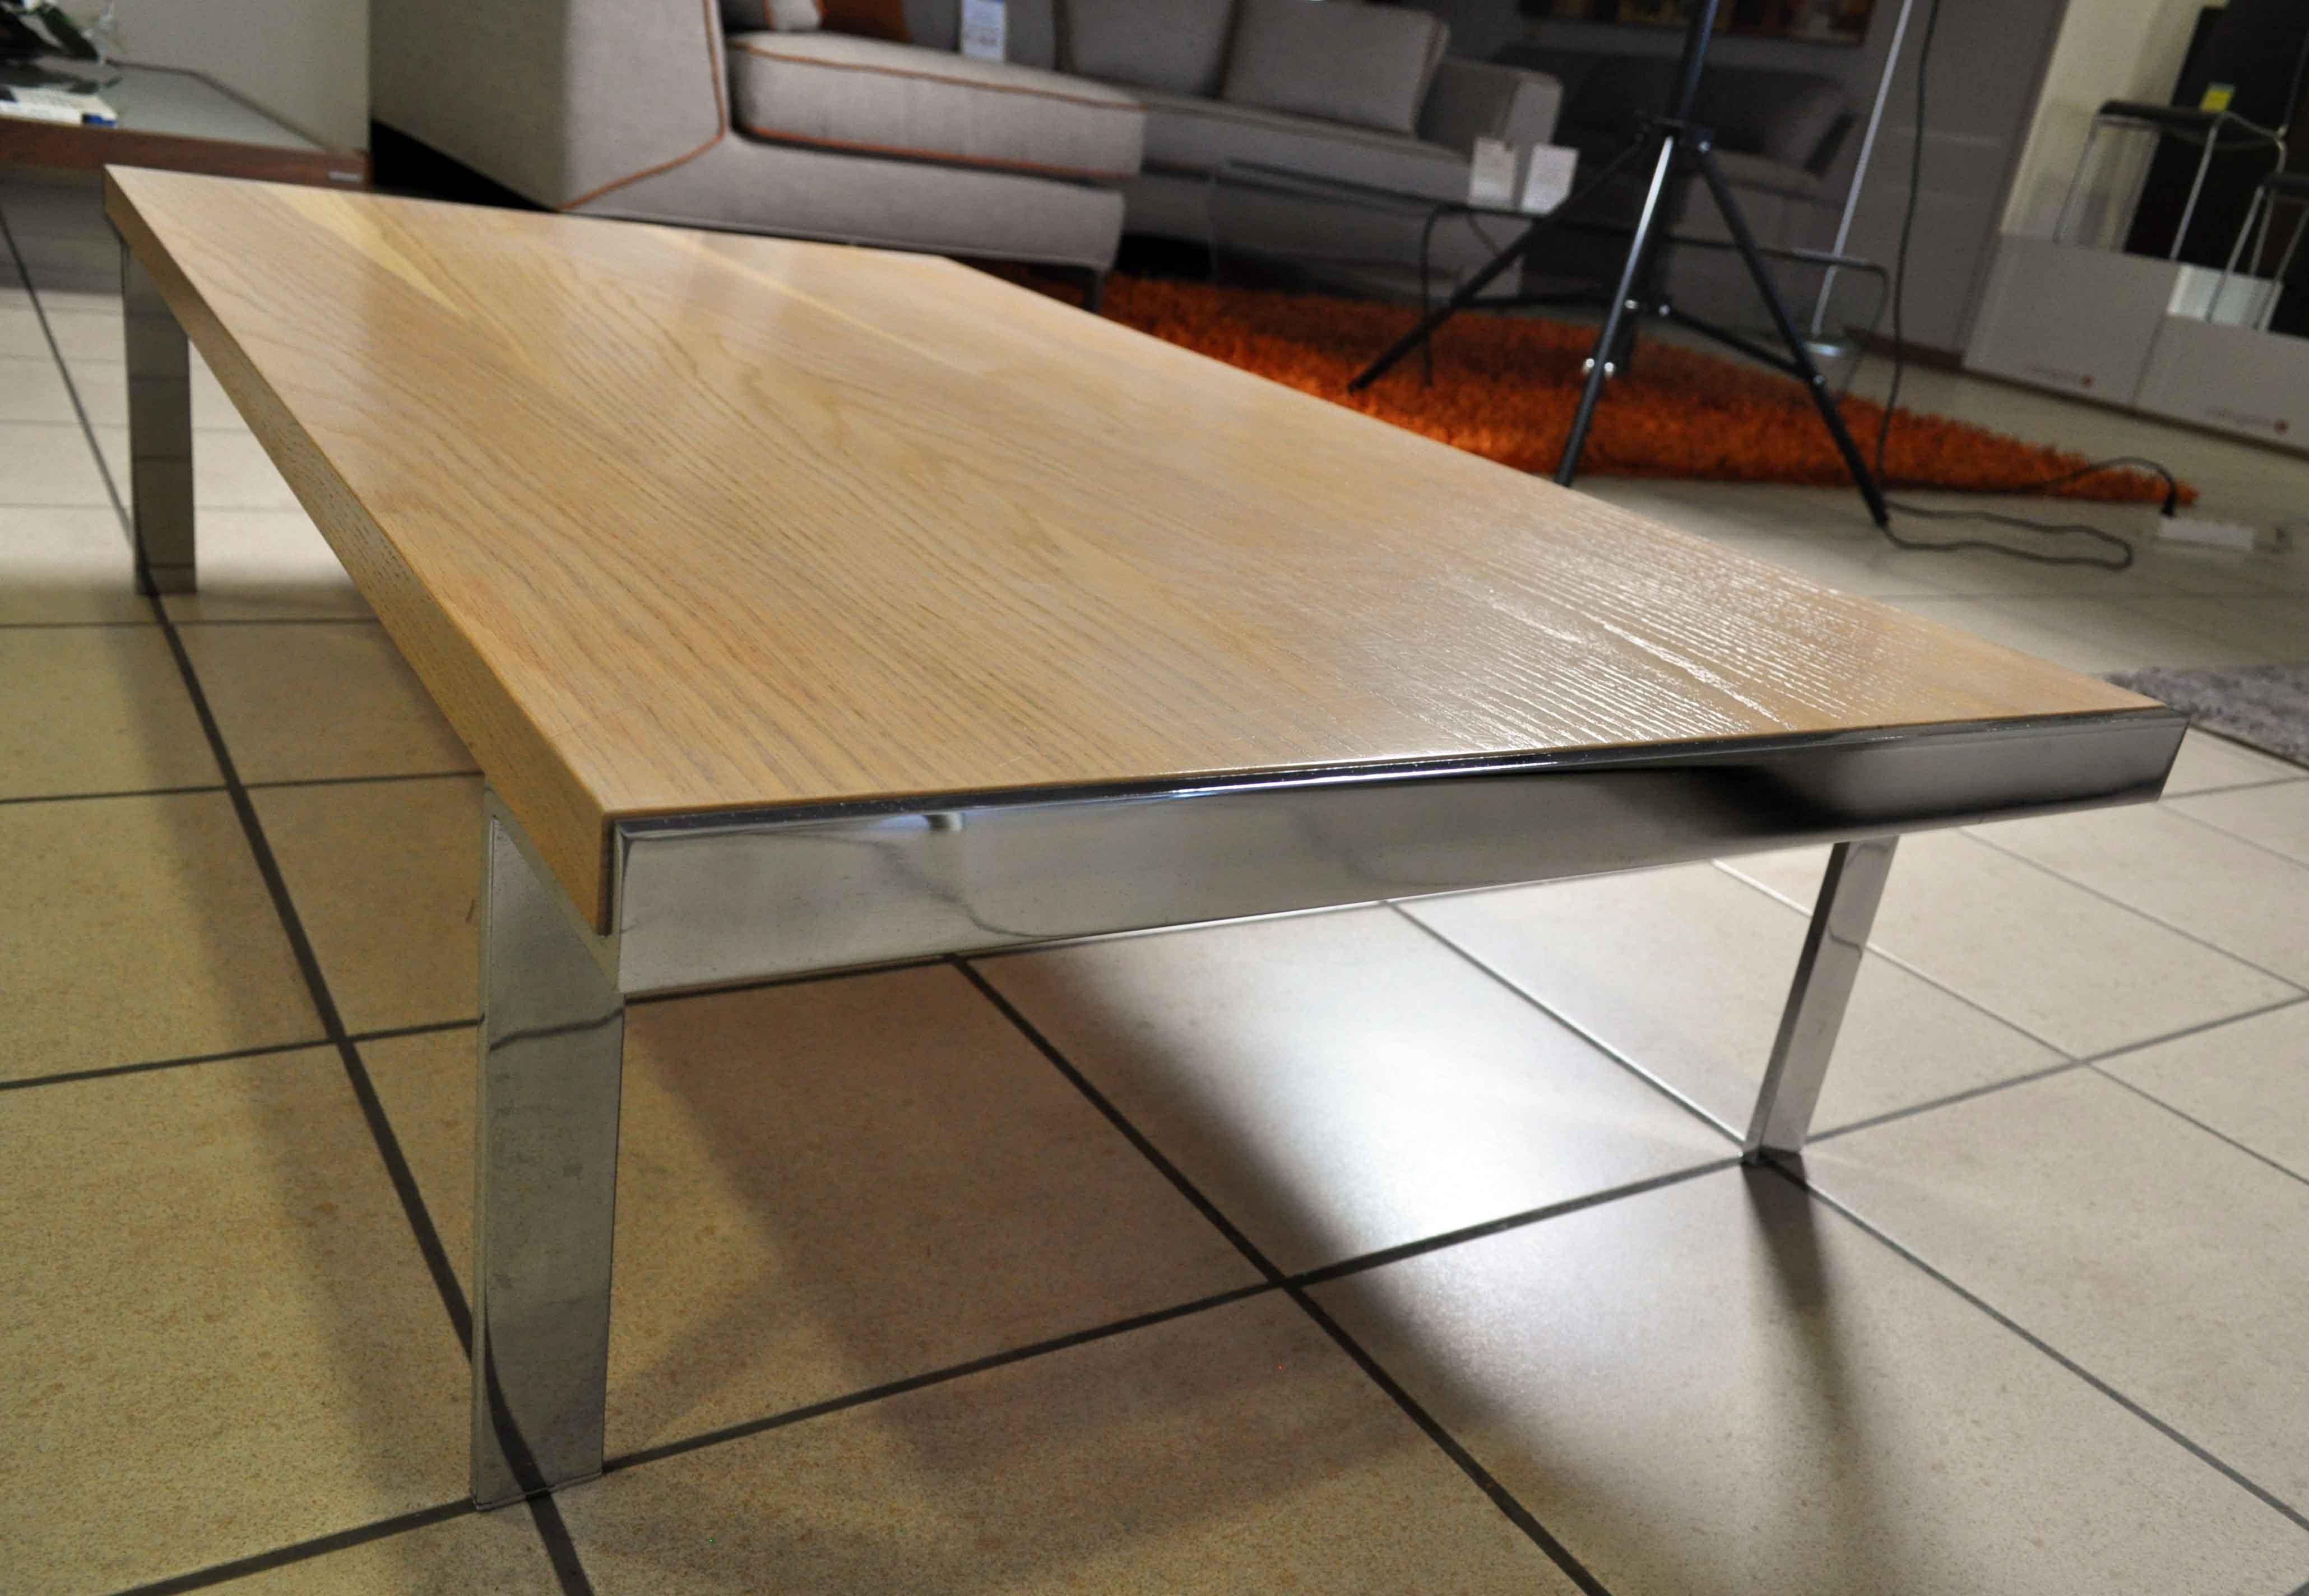 Tavolini per sala contrasto sagomato elegante tavolino - Tavolini per divano ...